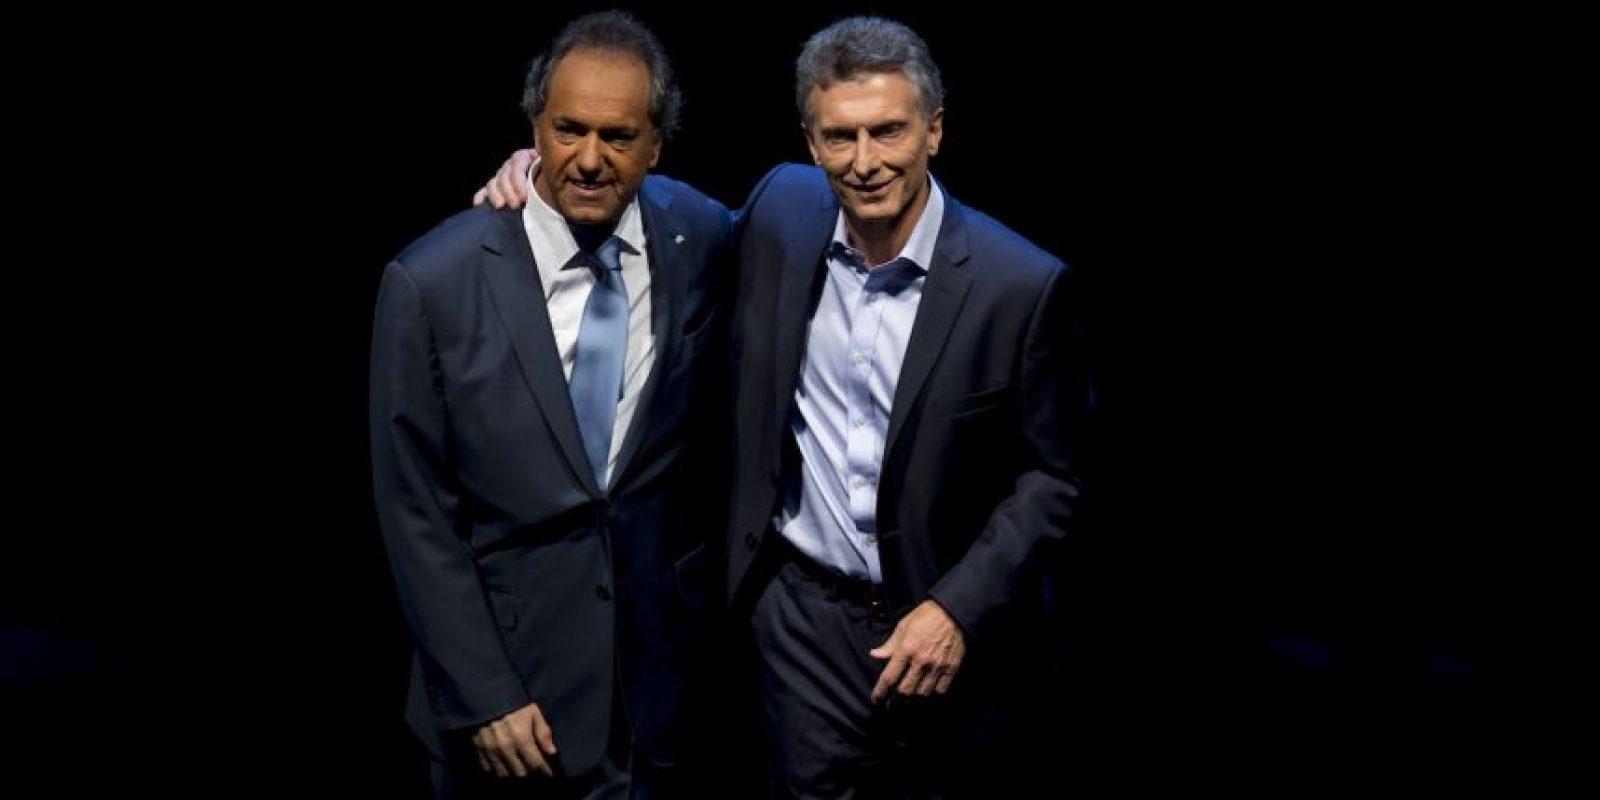 Ambos candidatos realizaron el pasado 15 de noviembre un debate público Foto:AP